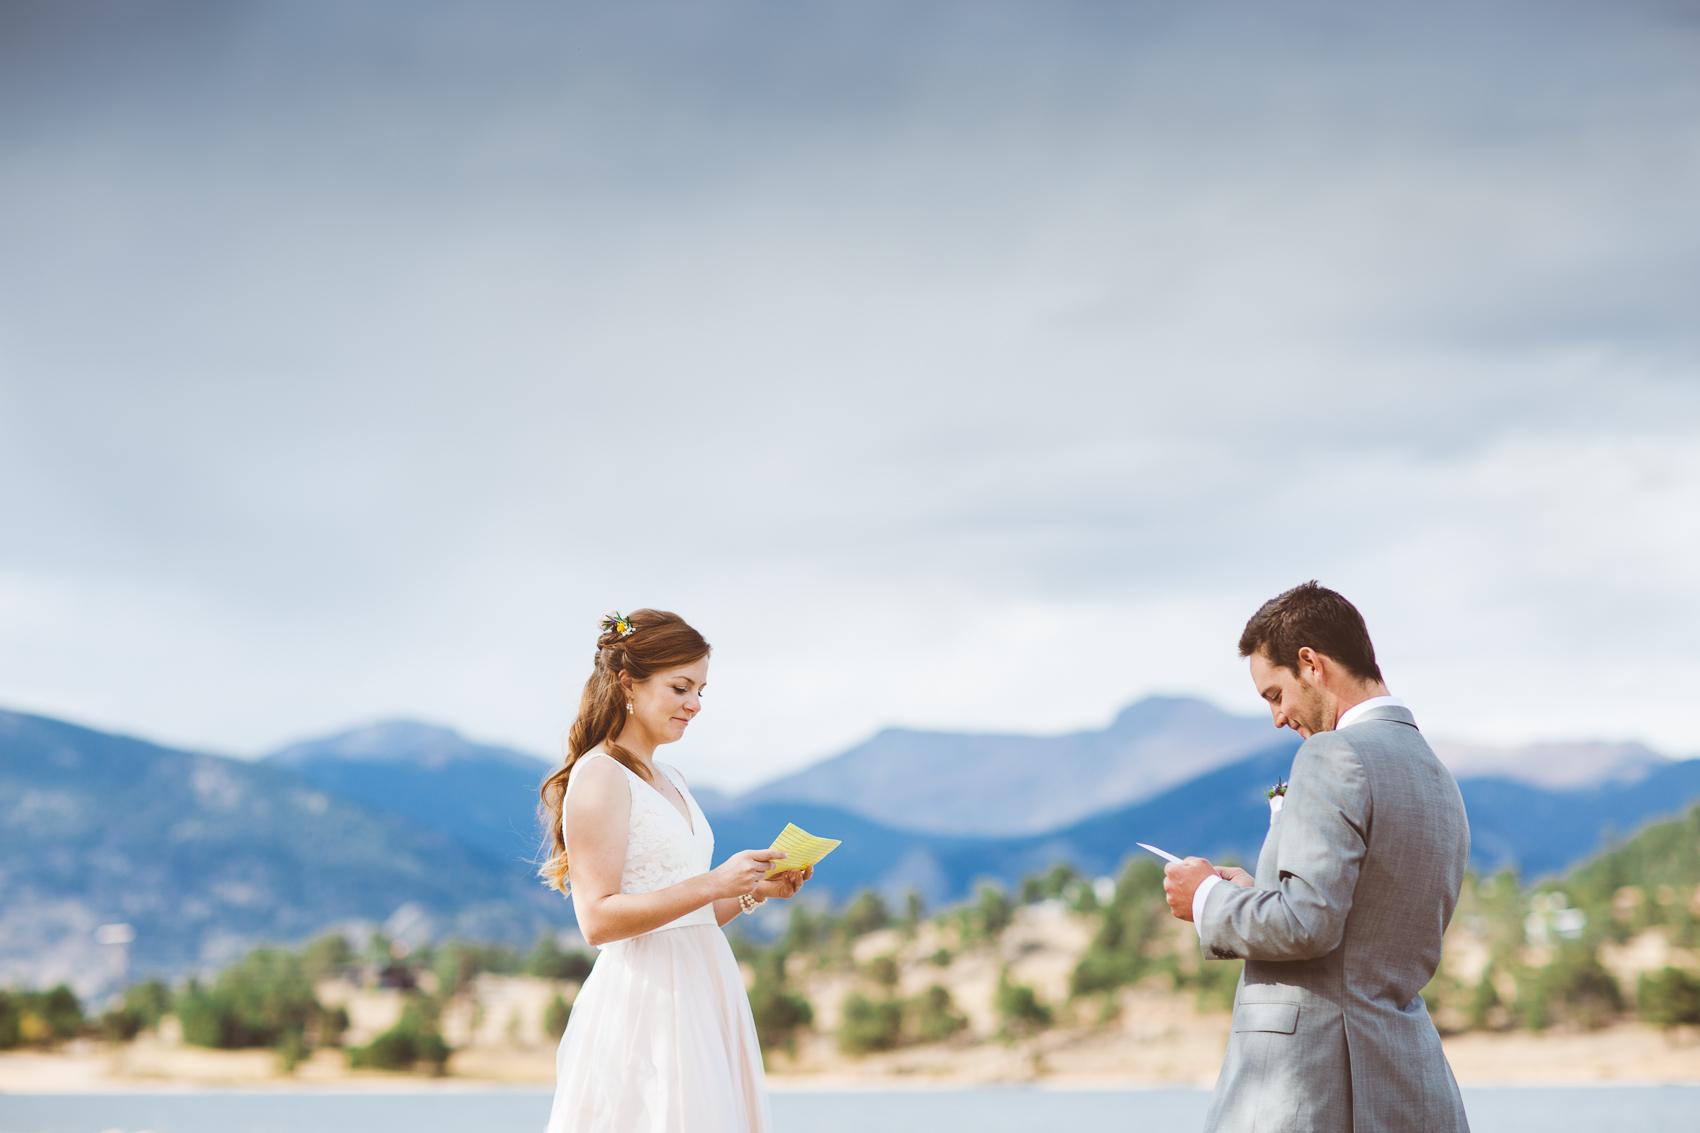 weddings-fth-10.jpg